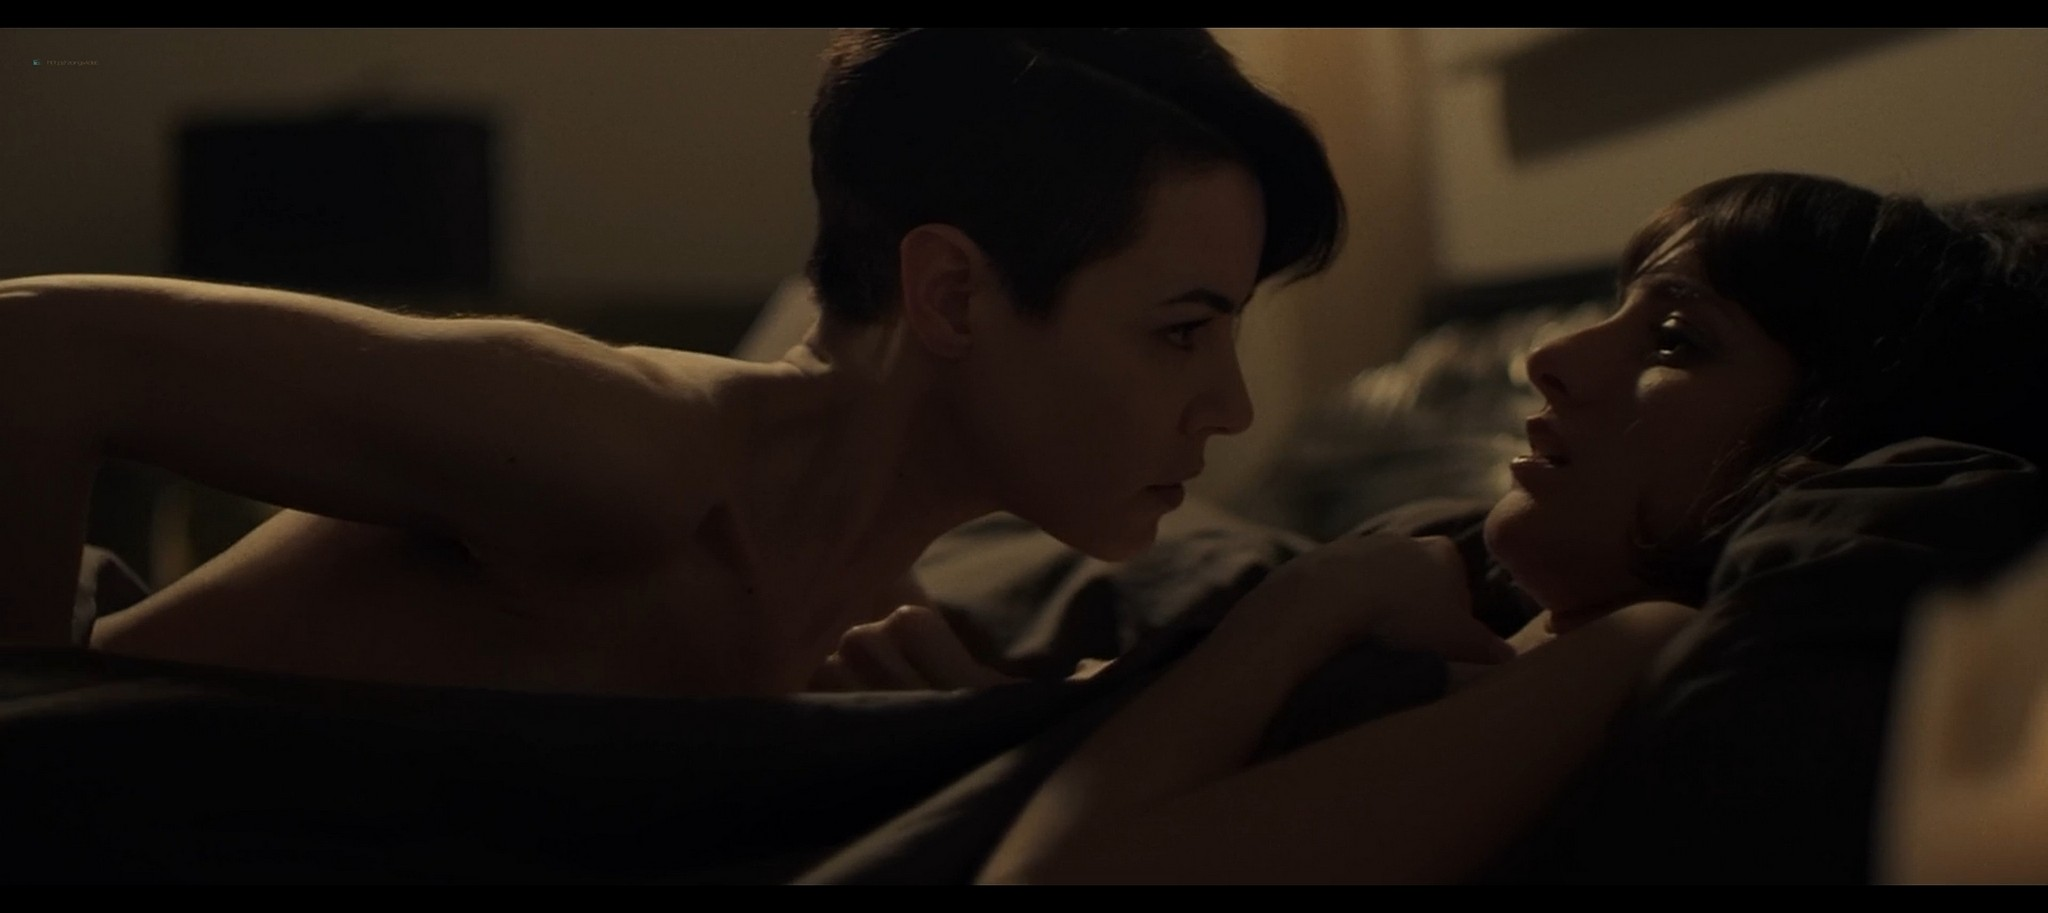 Francesca Agostini nude butt and Alessia Navarro sex lesbian bound Hope Lost 2015 hd1080p BluRay 12